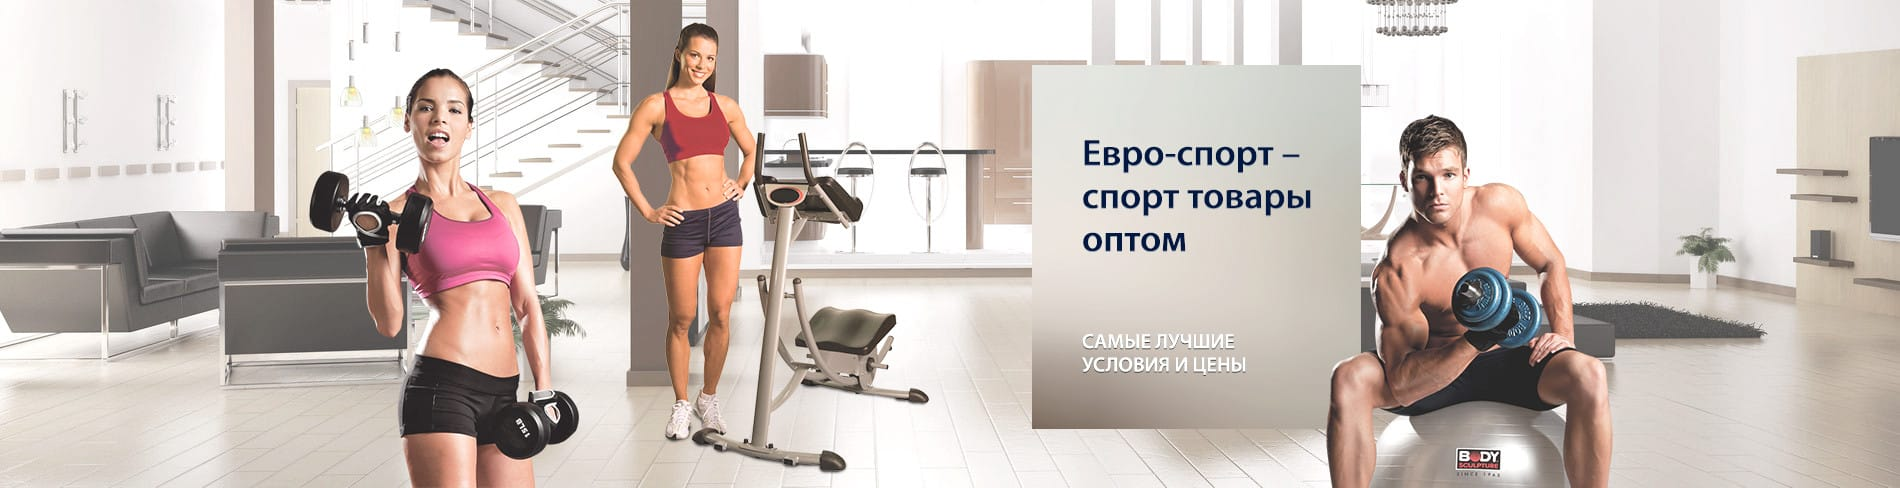 1553e008e43b Евро-спорт - спорттовары оптом в Москве, интернет-магазин спортивных ...